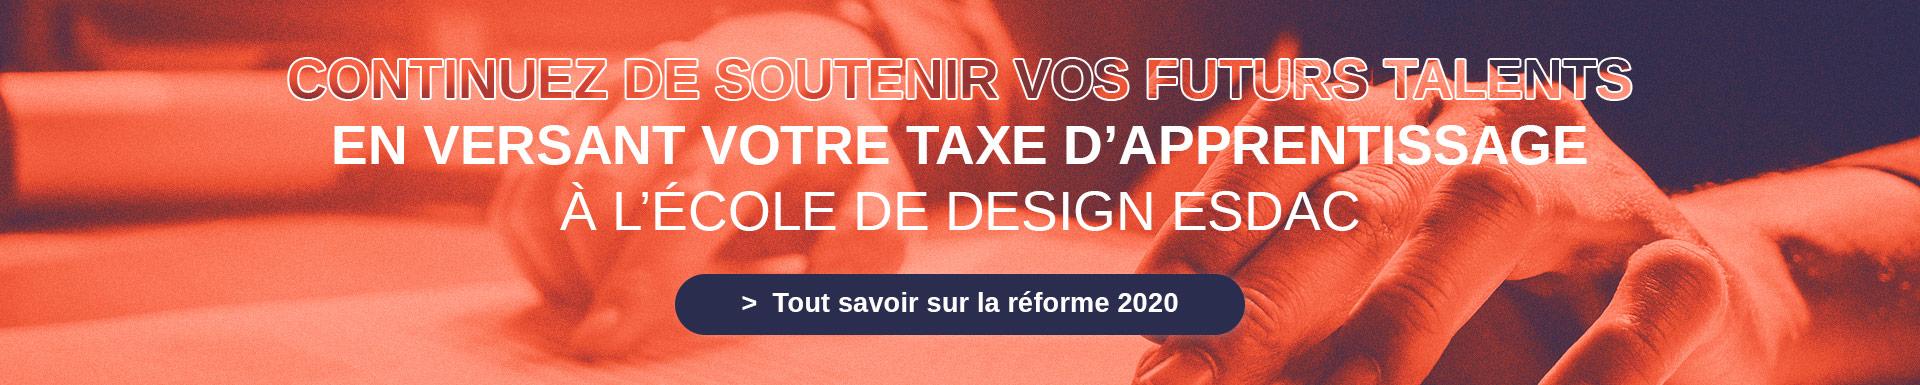 Versez la taxe d'apprentissage à l'école de design ESDAC Aix-en-Provence